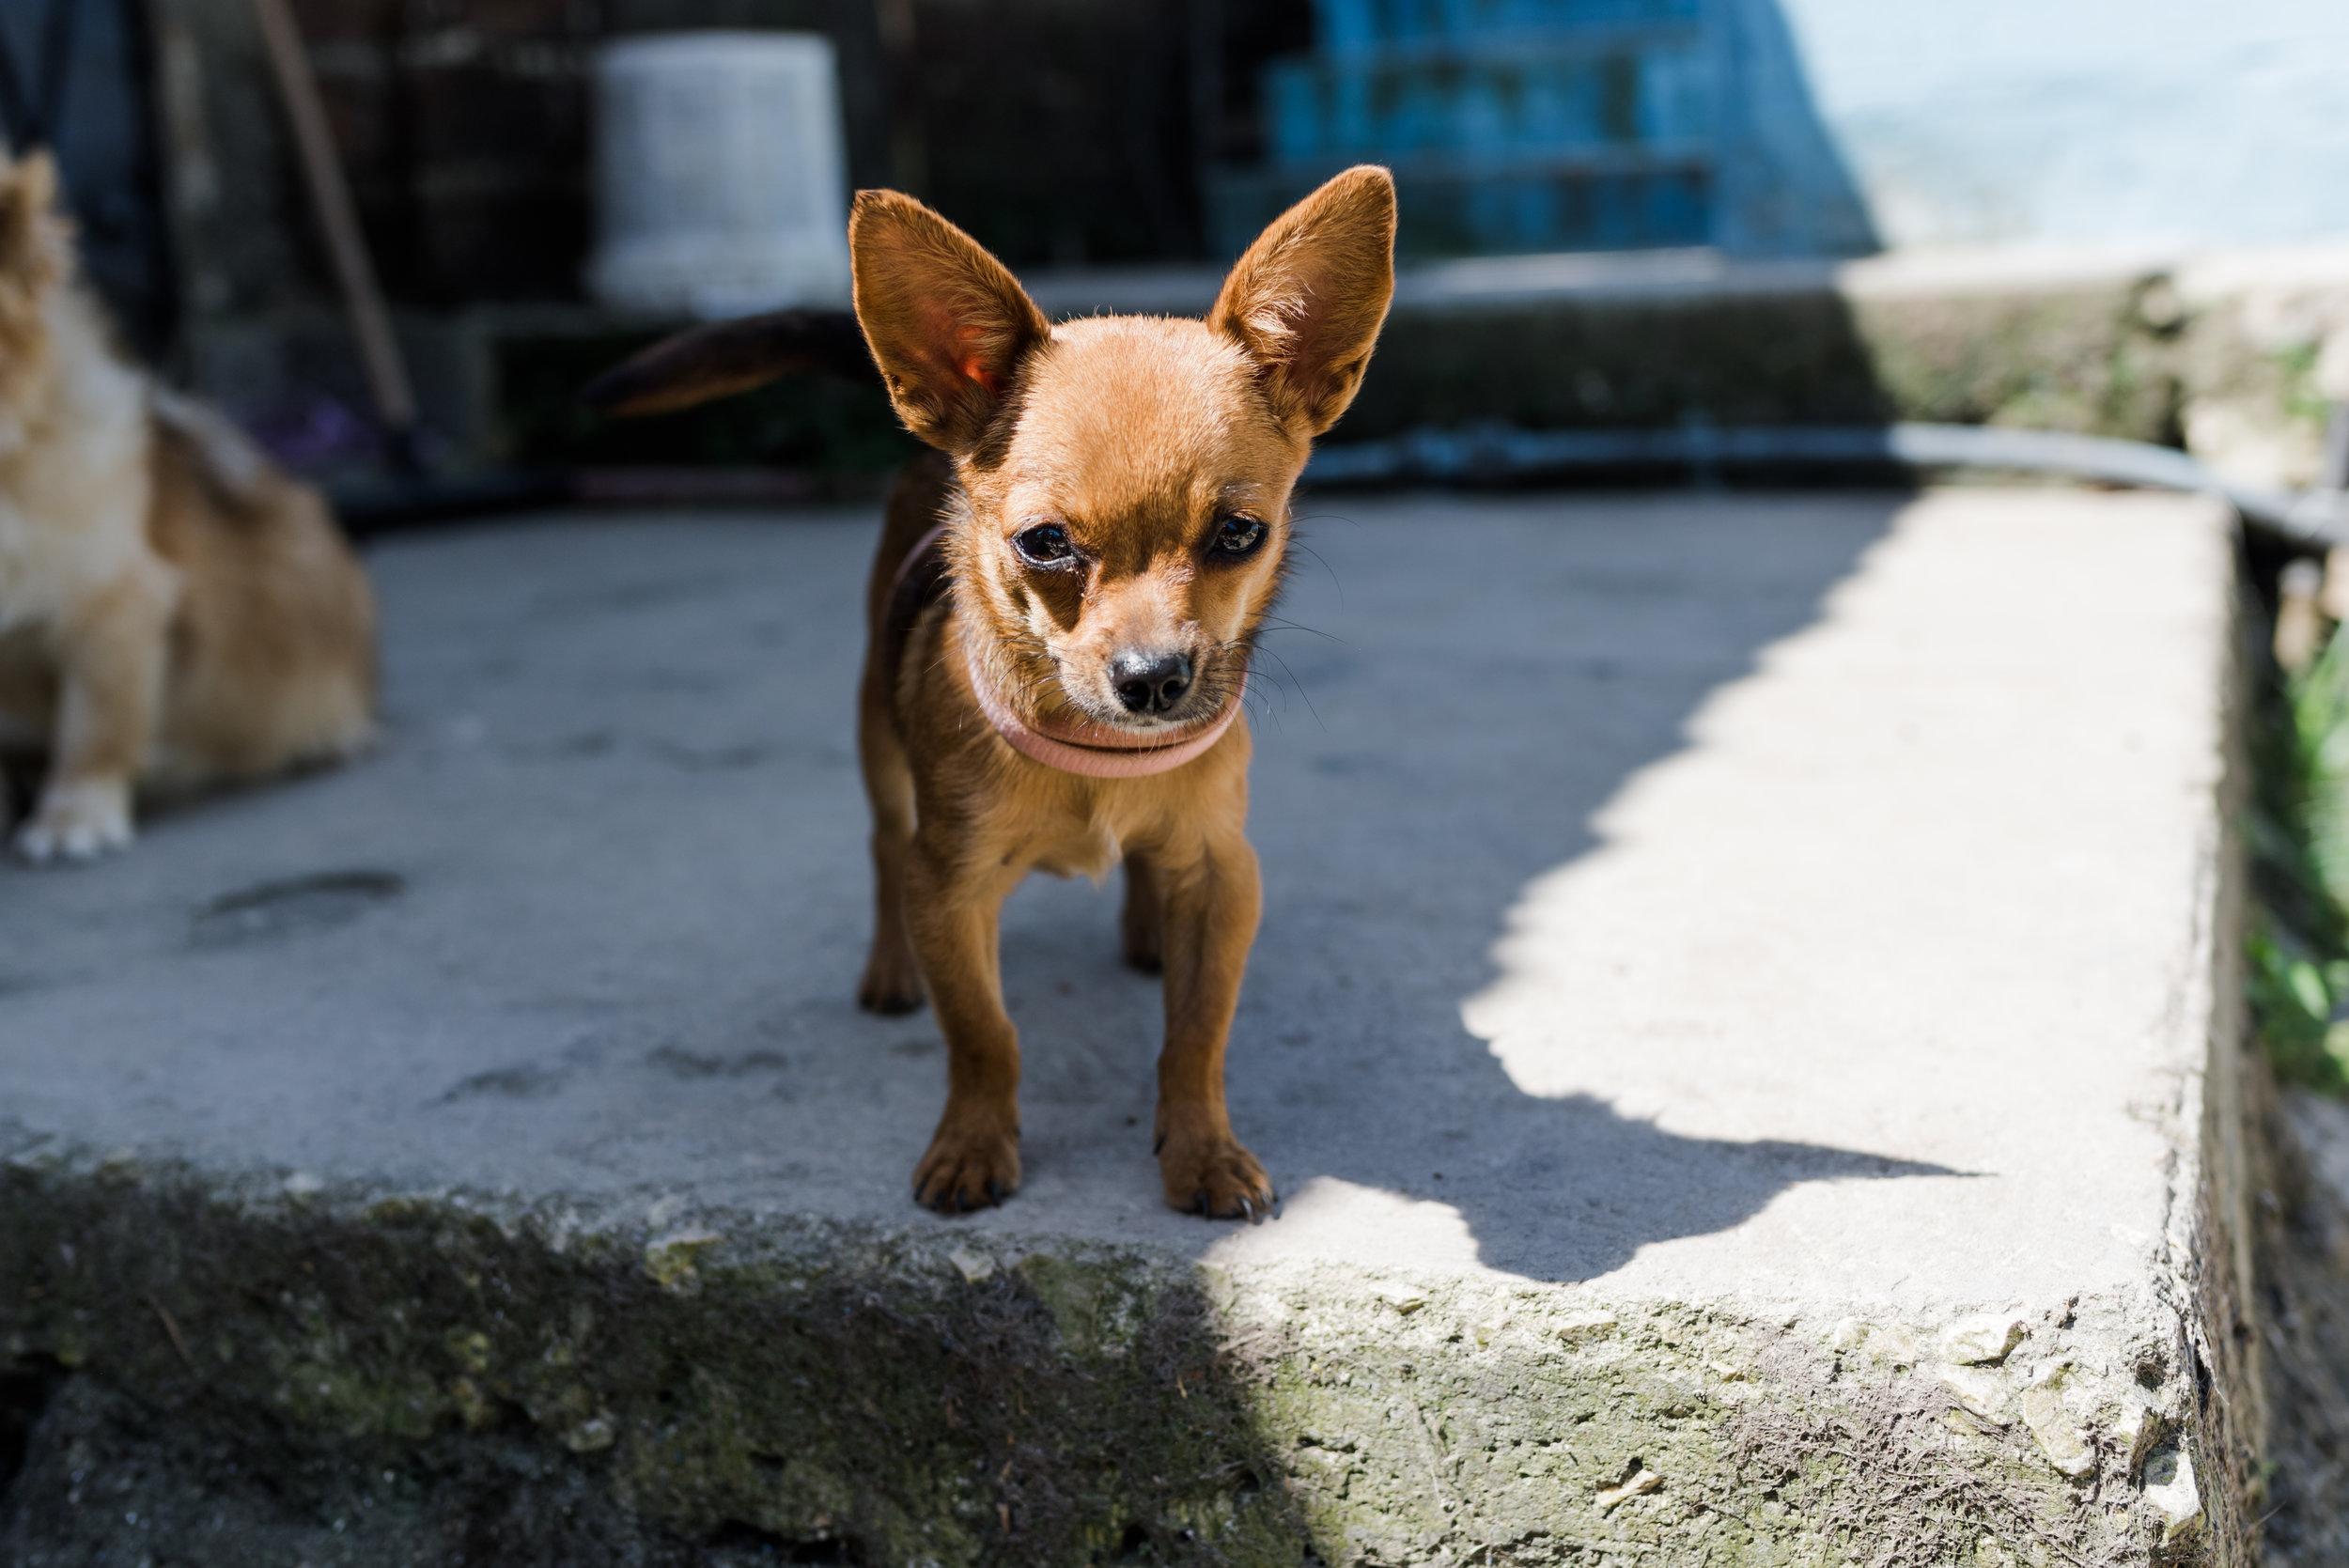 Cuba_dogs-120-21.jpg